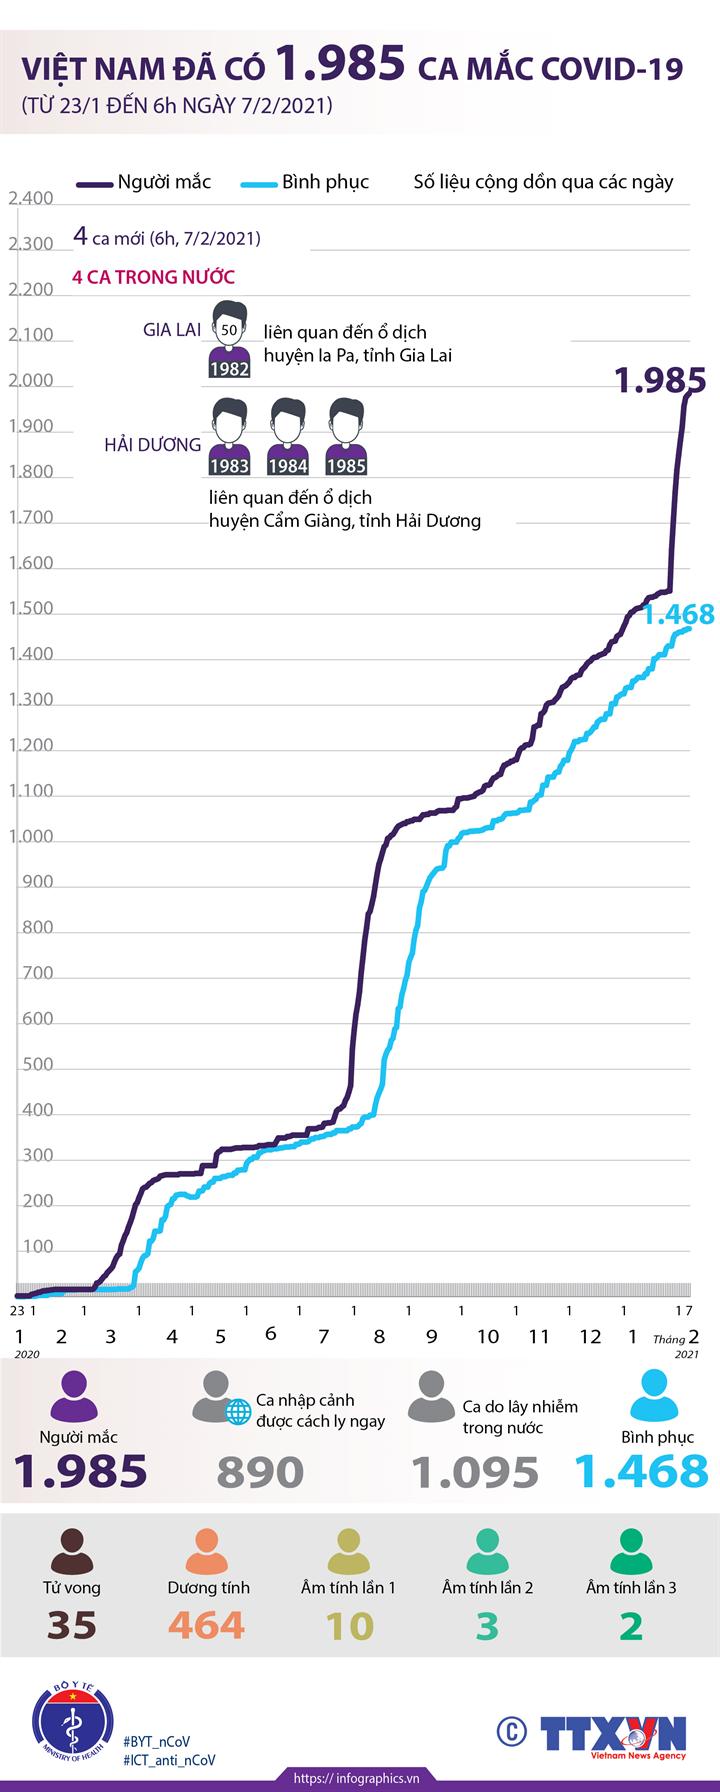 Việt Nam đã có 1.985 ca mắc COVID-19 (từ 23/1/2020 đến 6h ngày 7/2/2021)